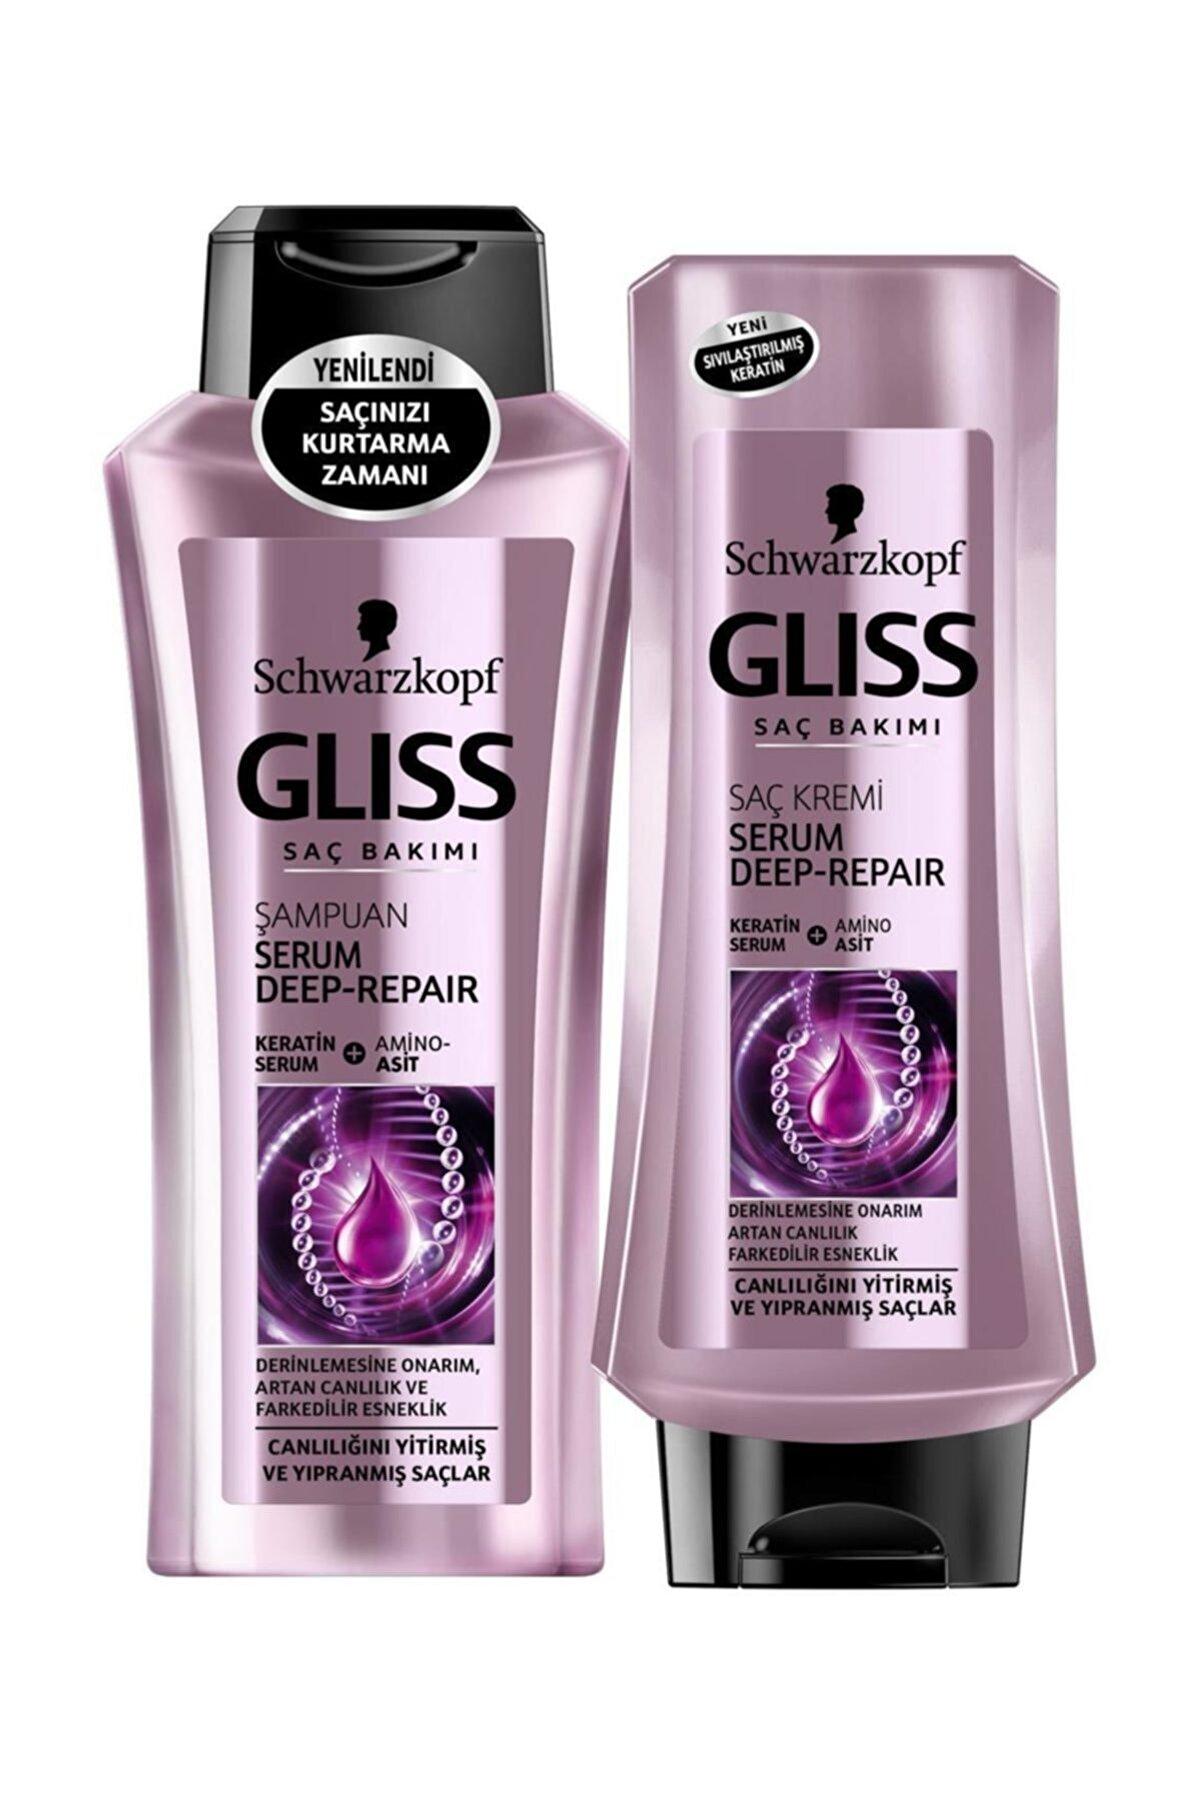 Gliss 360ml Serum Deep Repair Şampuan + 360ml Serum Deep Repair Saç Kremi Set